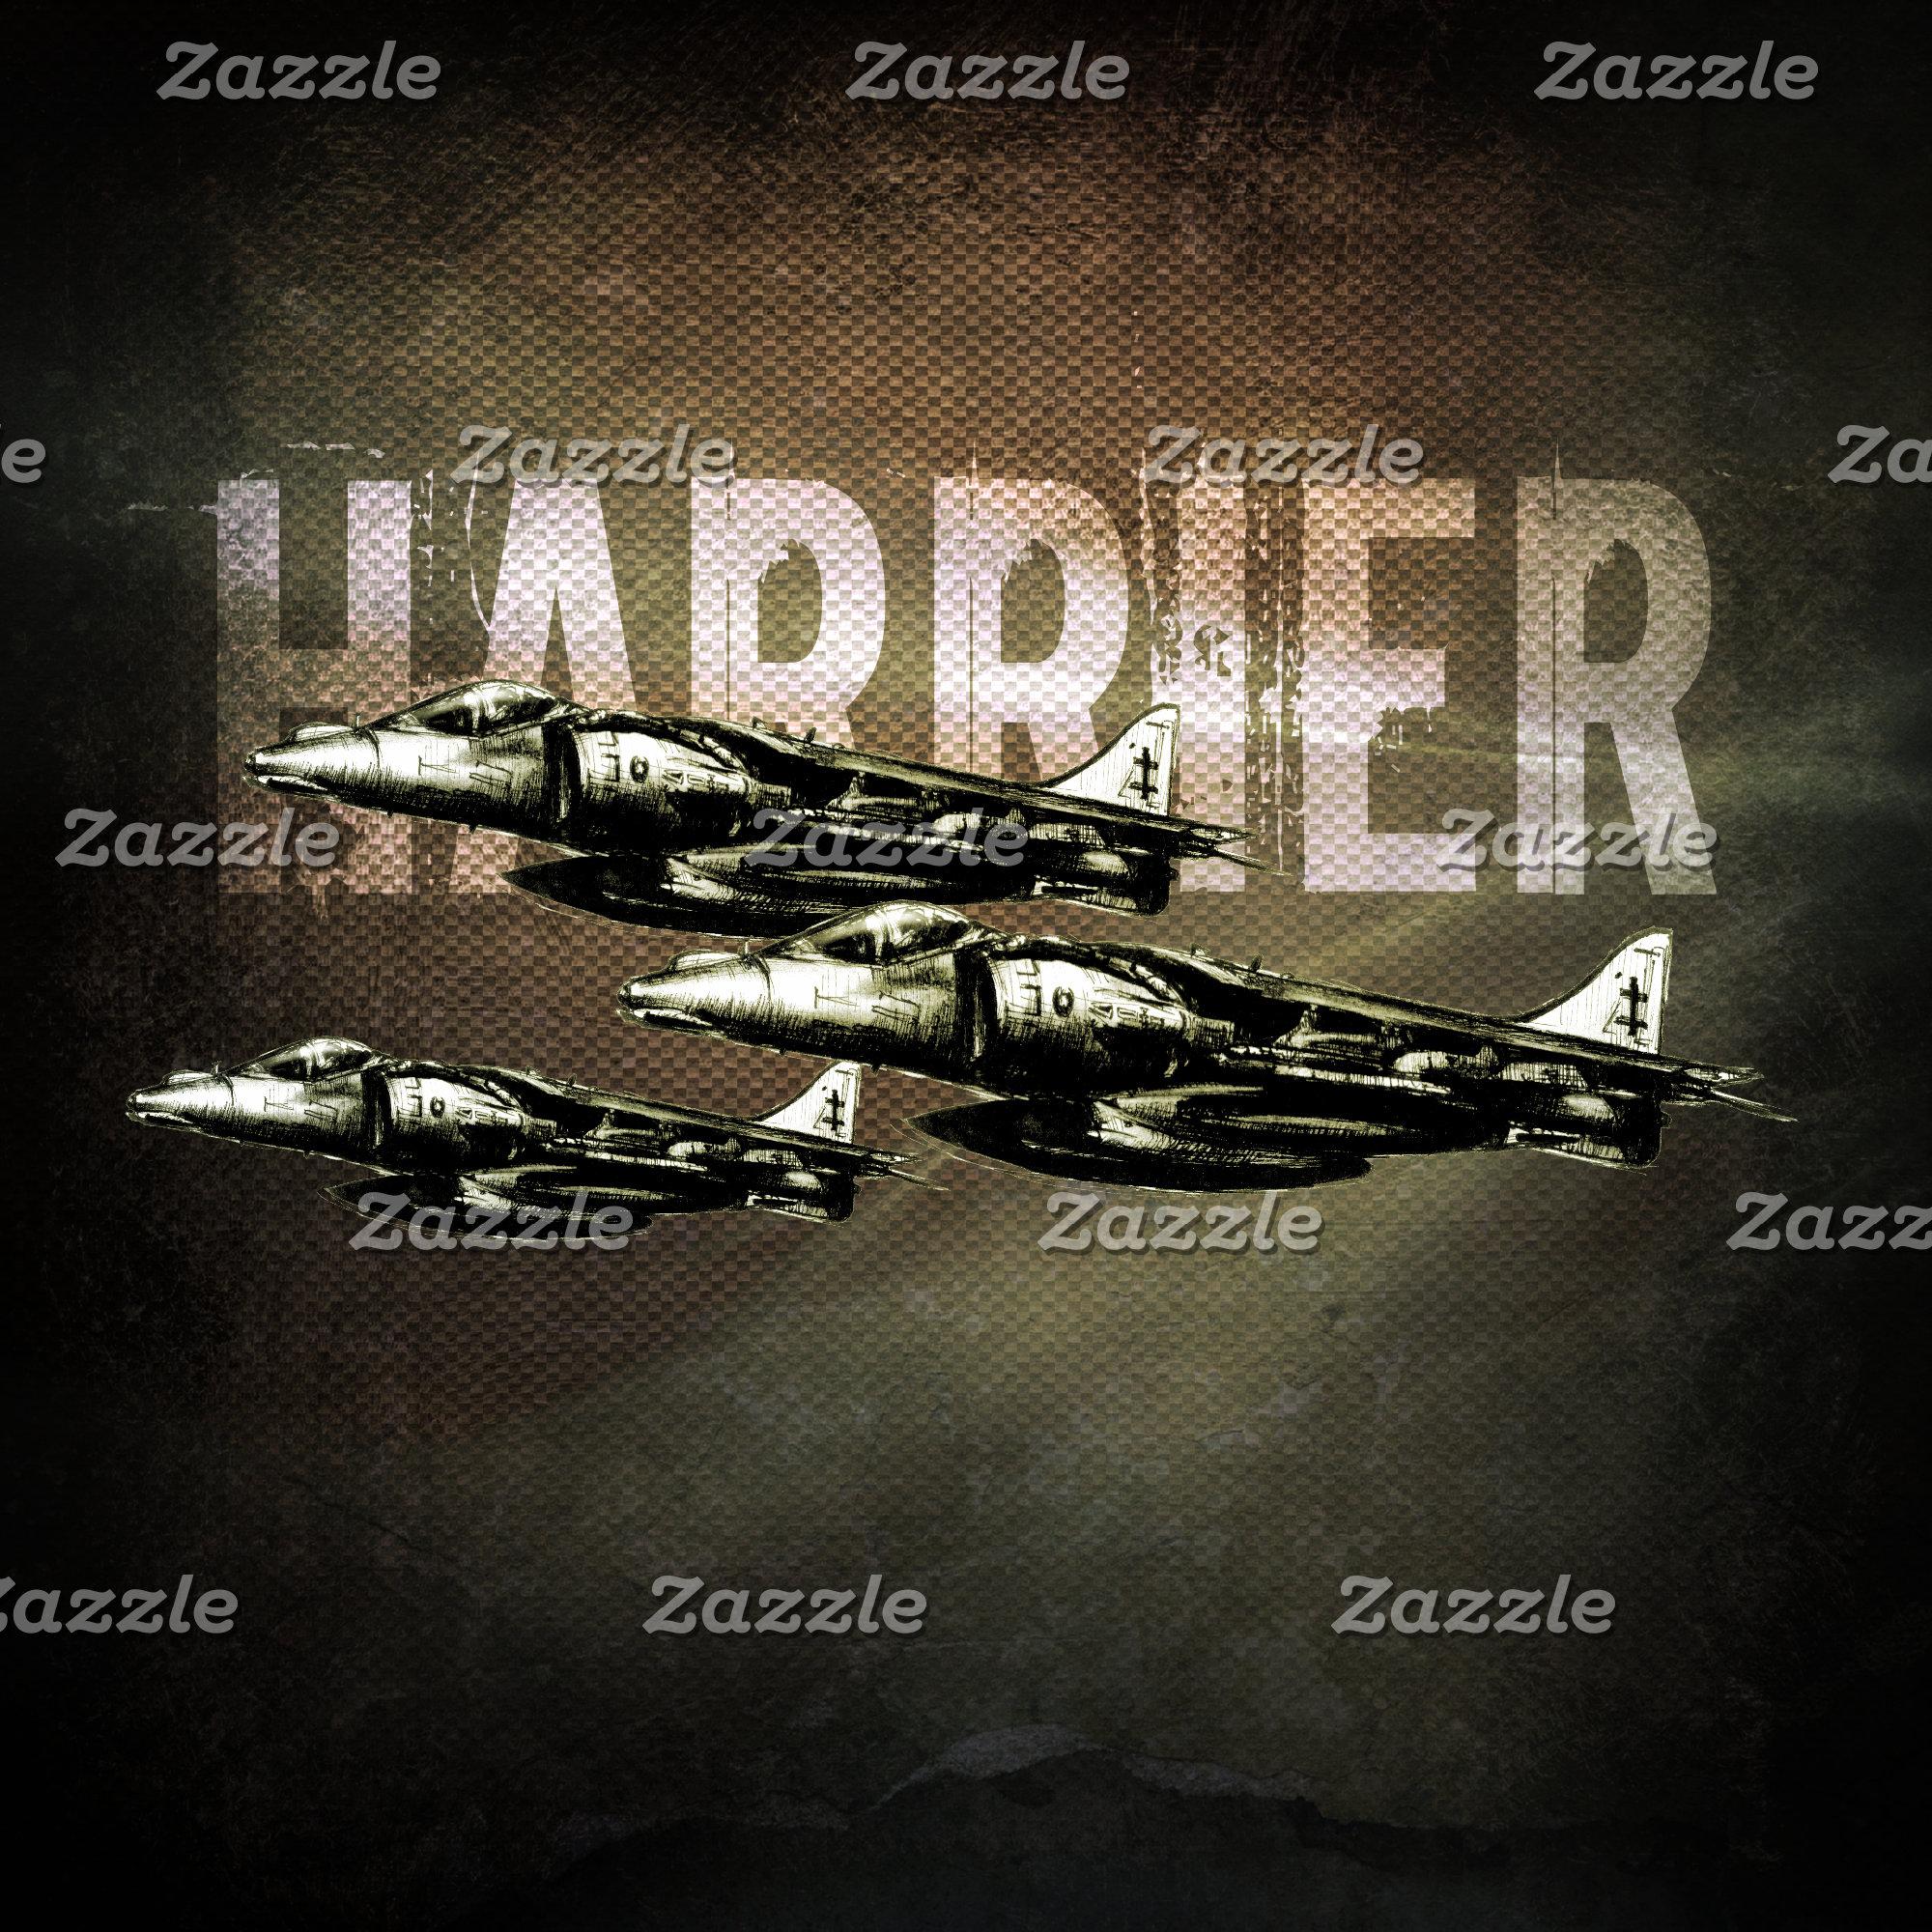 Harrier Jet Fighter-Bombers